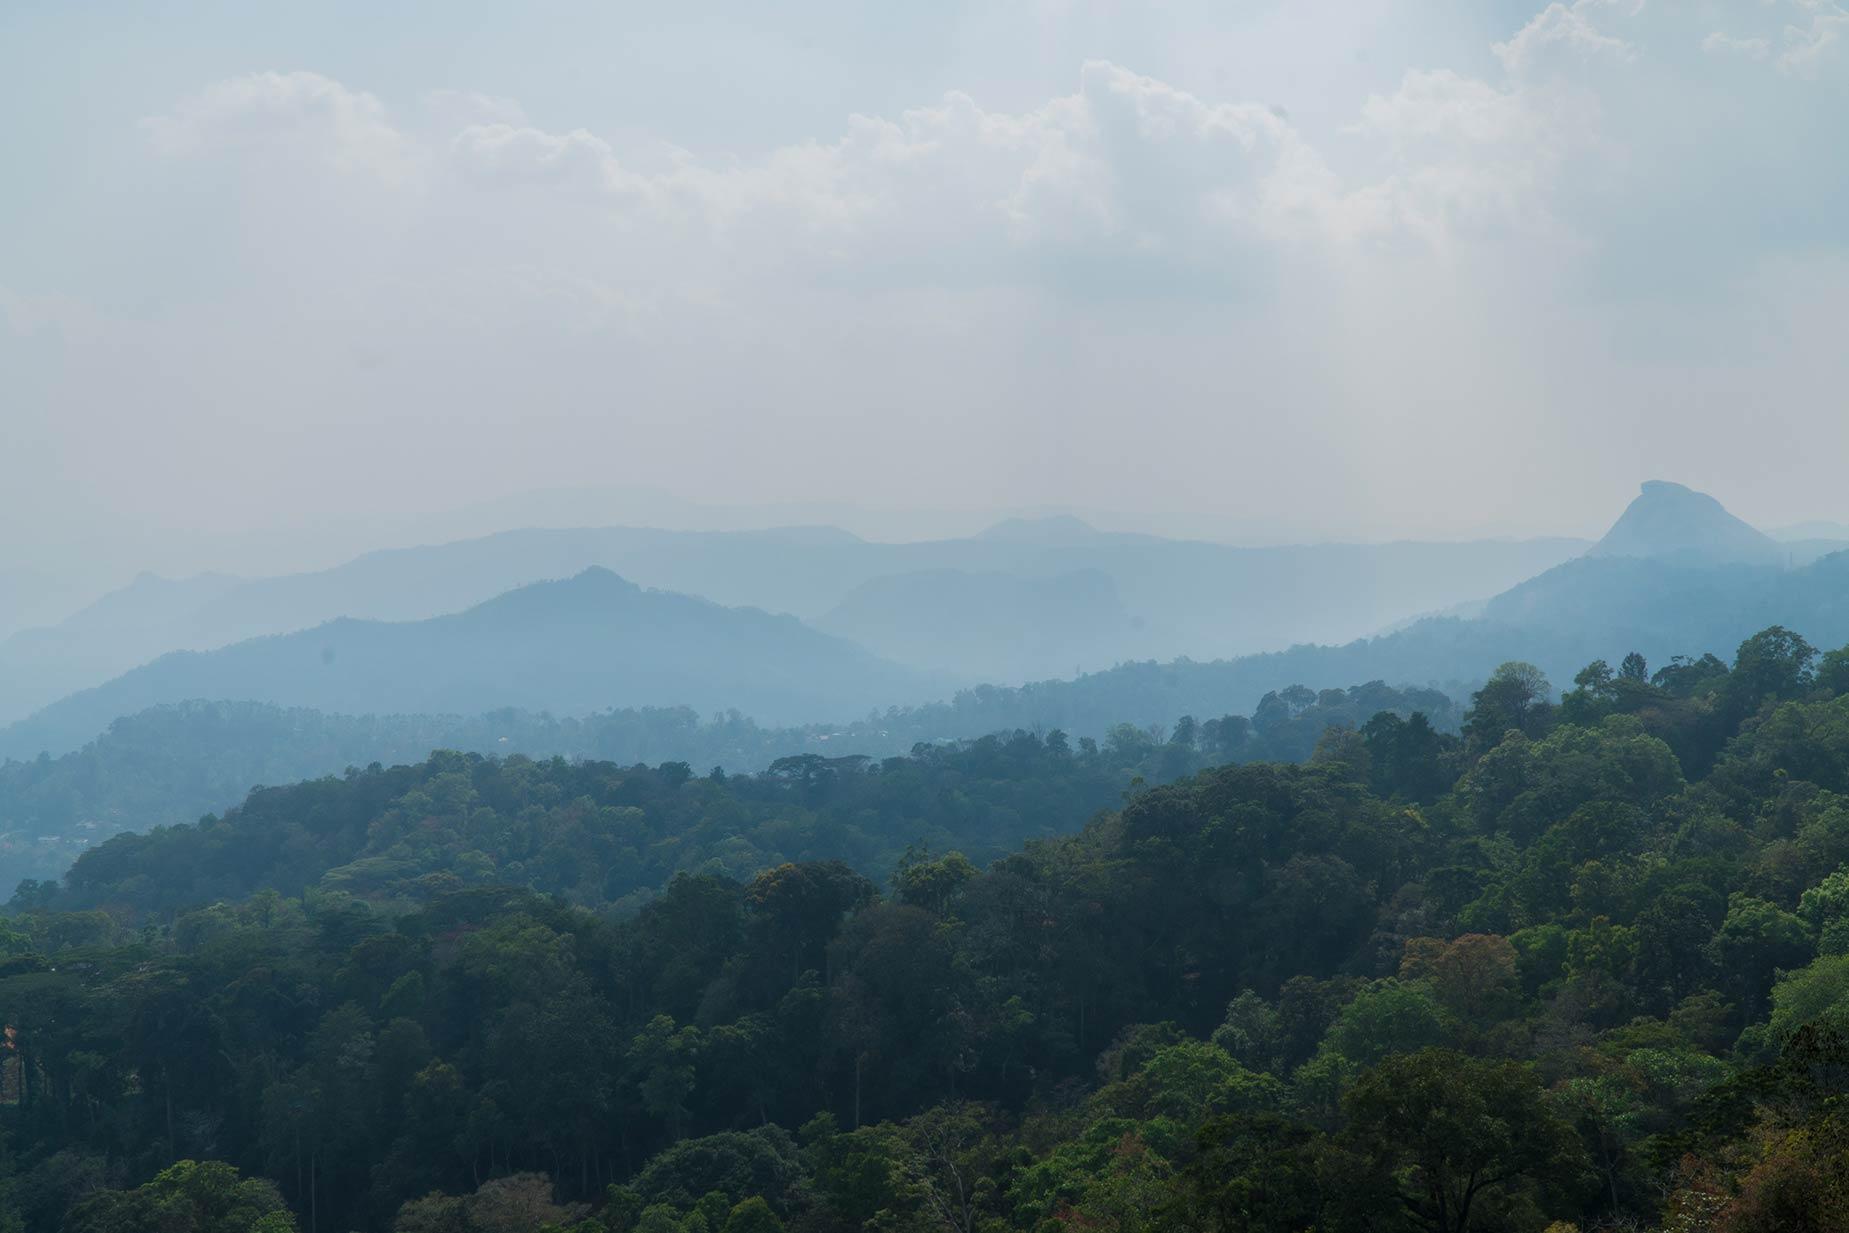 Une ferme unique, aux milles épices, sur les hauteurs des Ghâts occidentaux en Inde